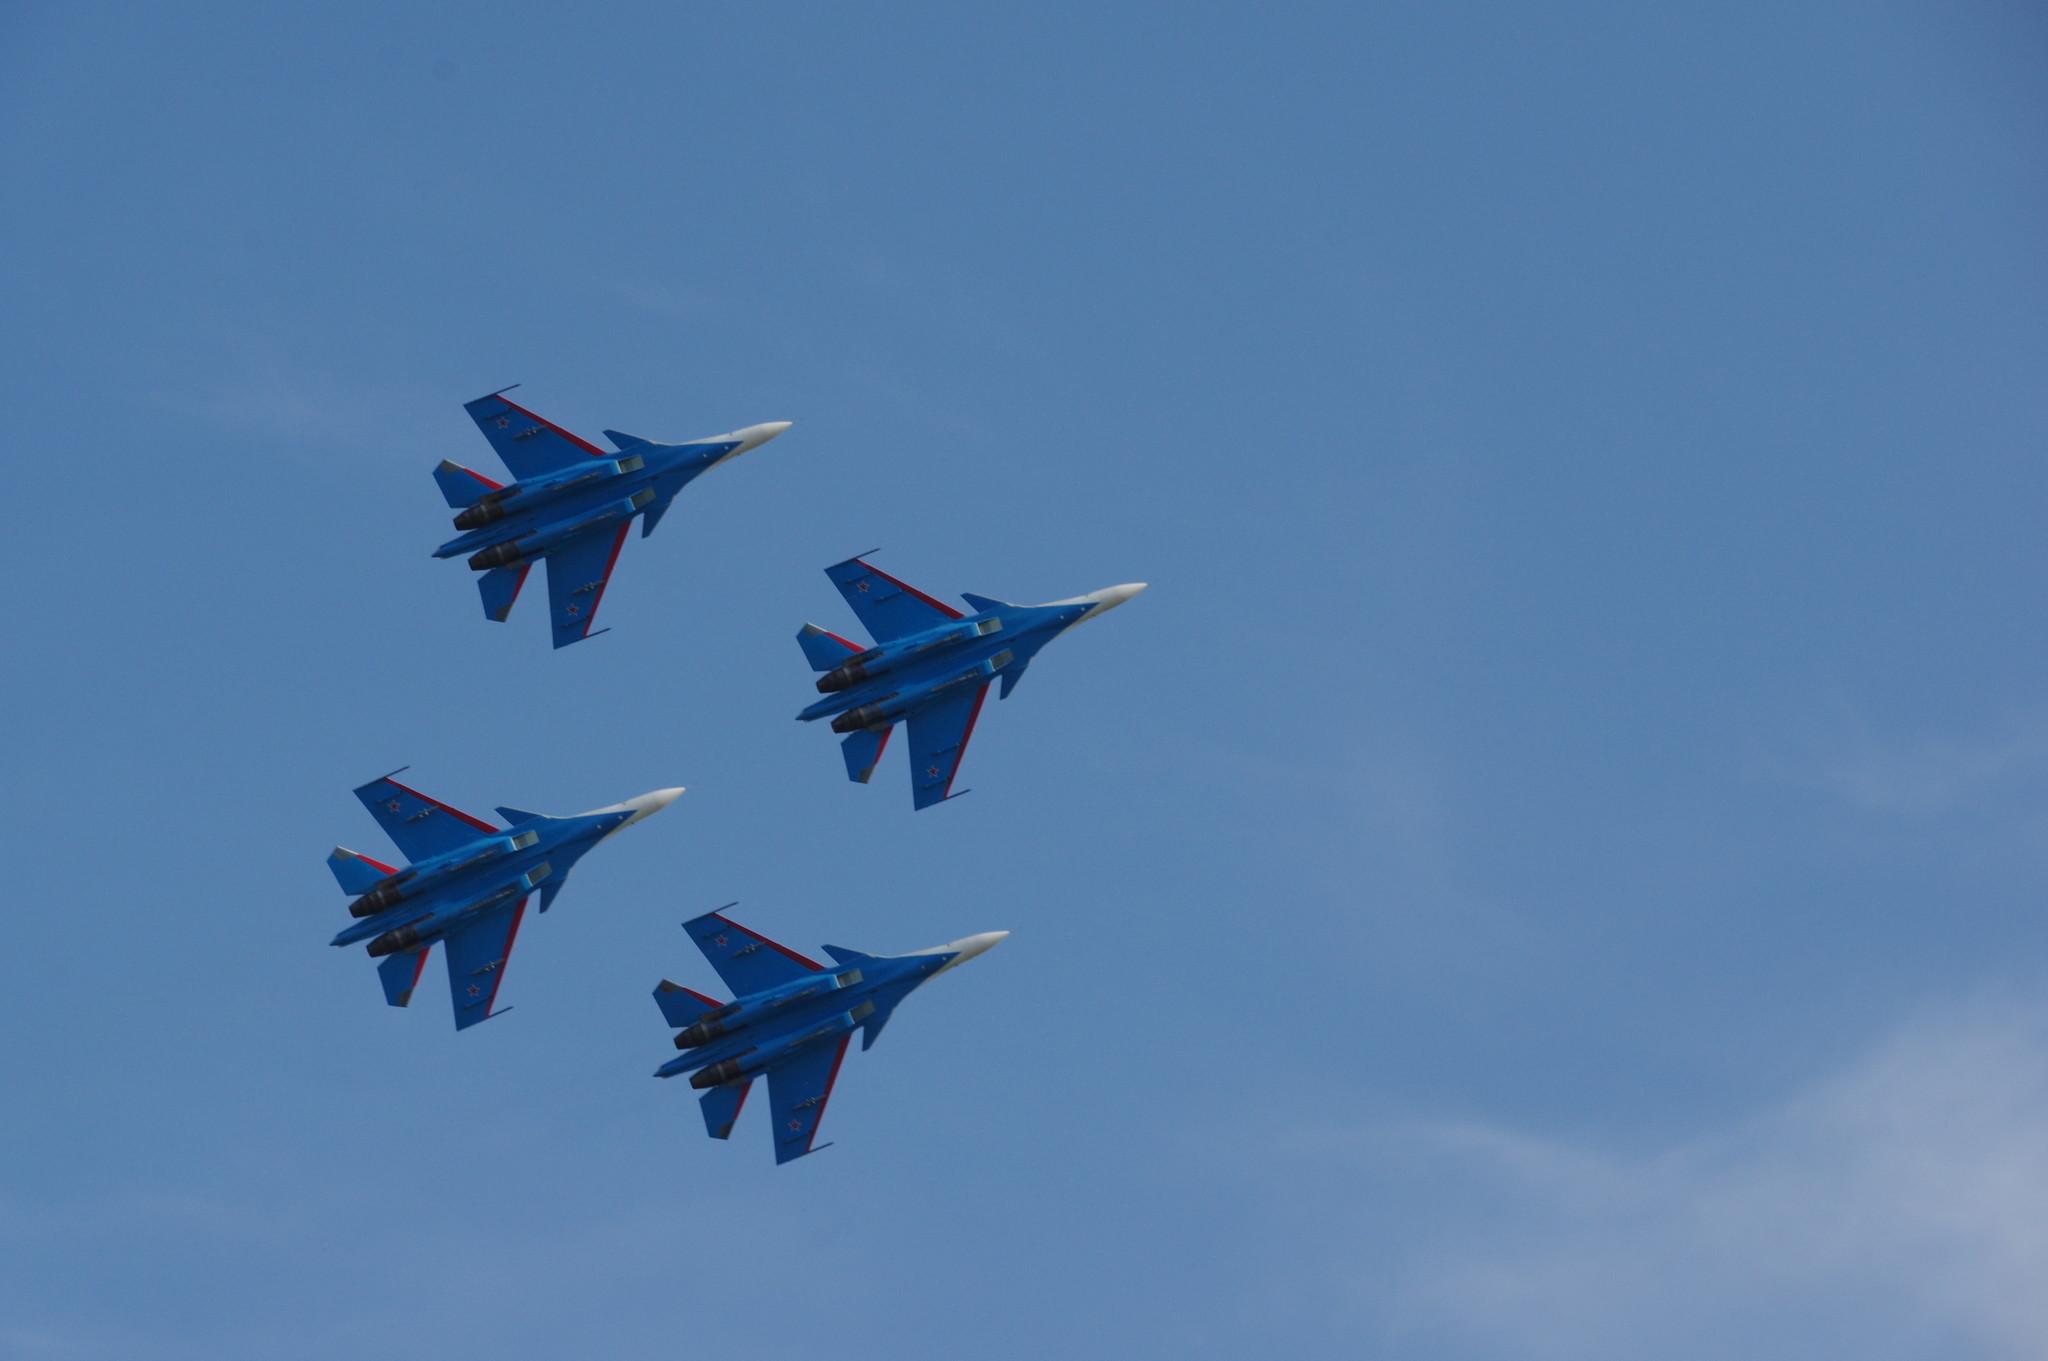 Истребители Су-30СМ пилотажной группы «Русские витязи»